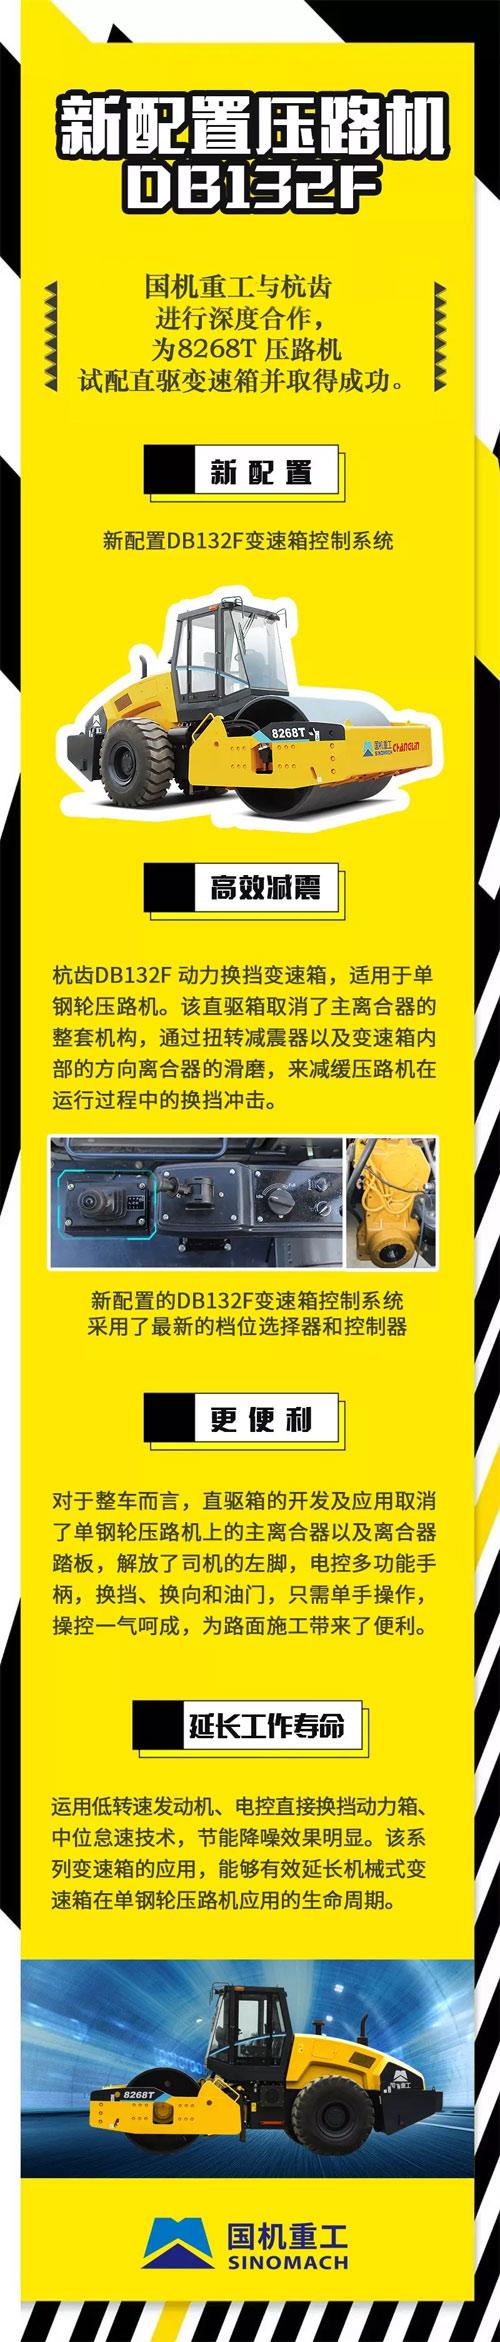 国机重工8268T压路机新配置杭齿DB132F动力换挡变速箱